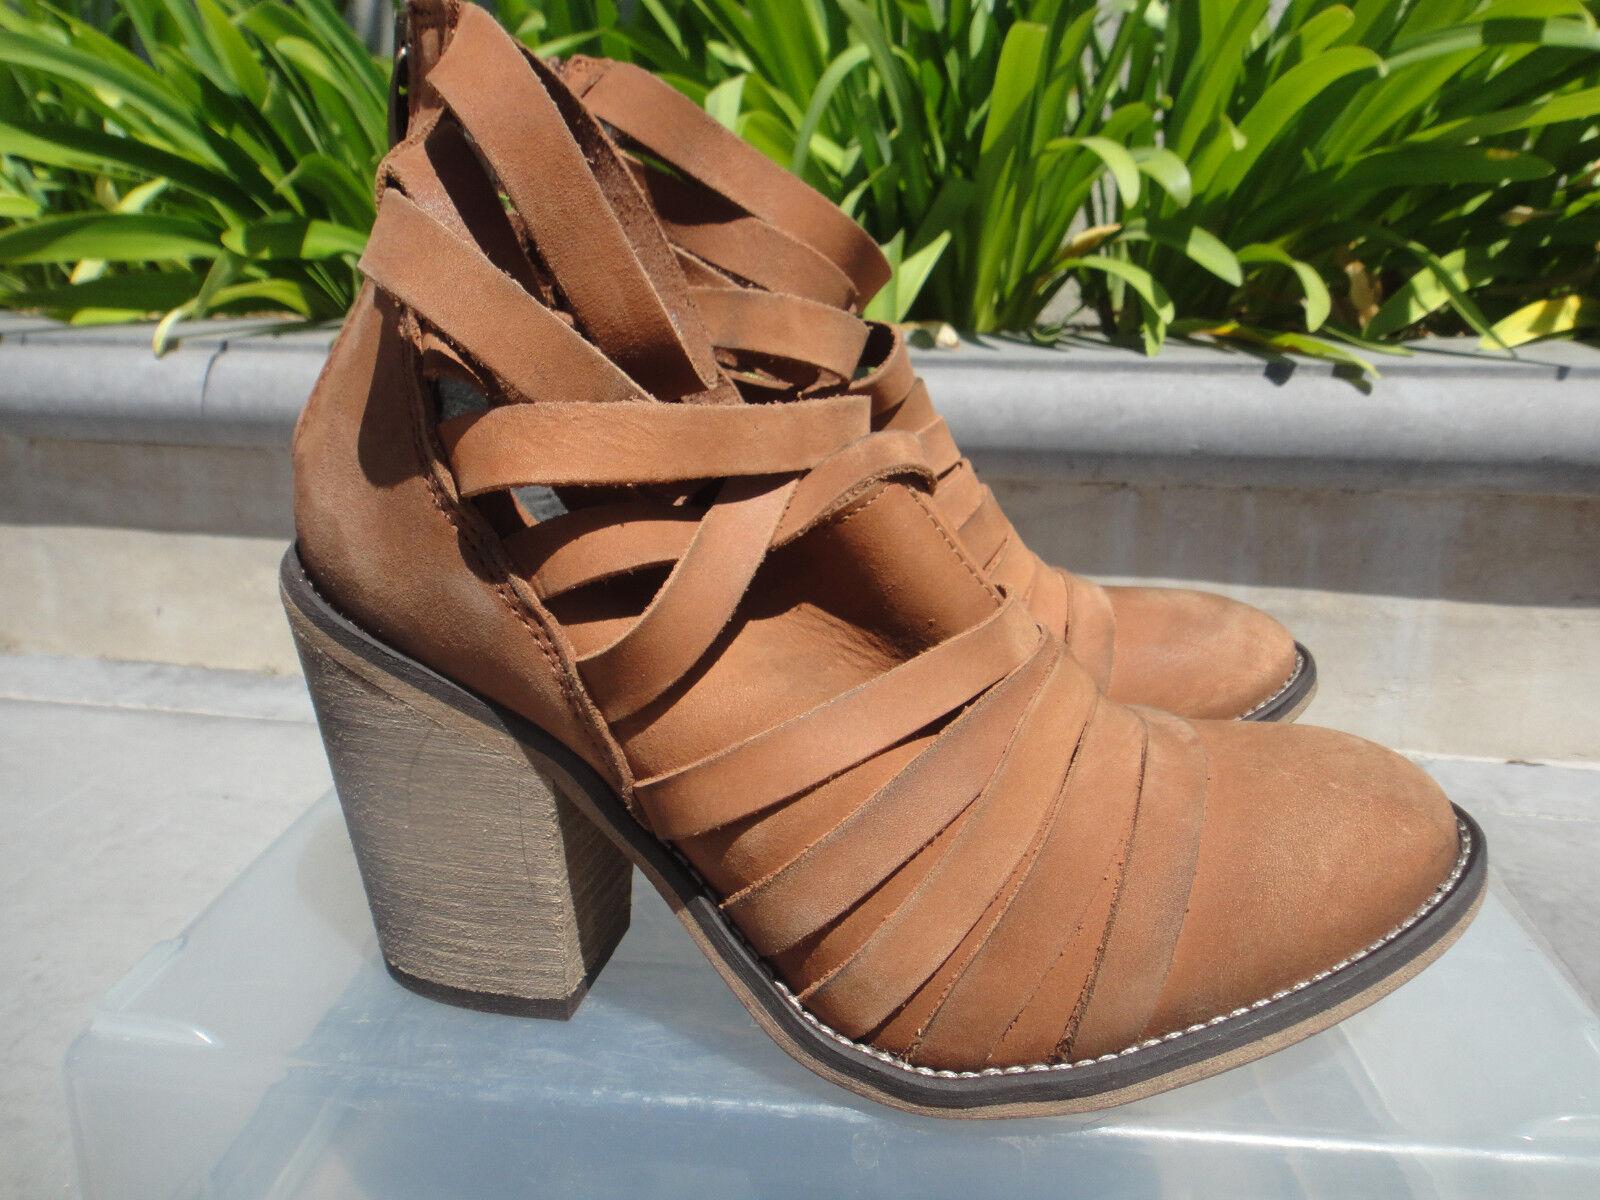 elementi di novità Free People HYBRID Strappy Leather avvioie, nero or or or Terracotta, EUR37 or 38  design unico